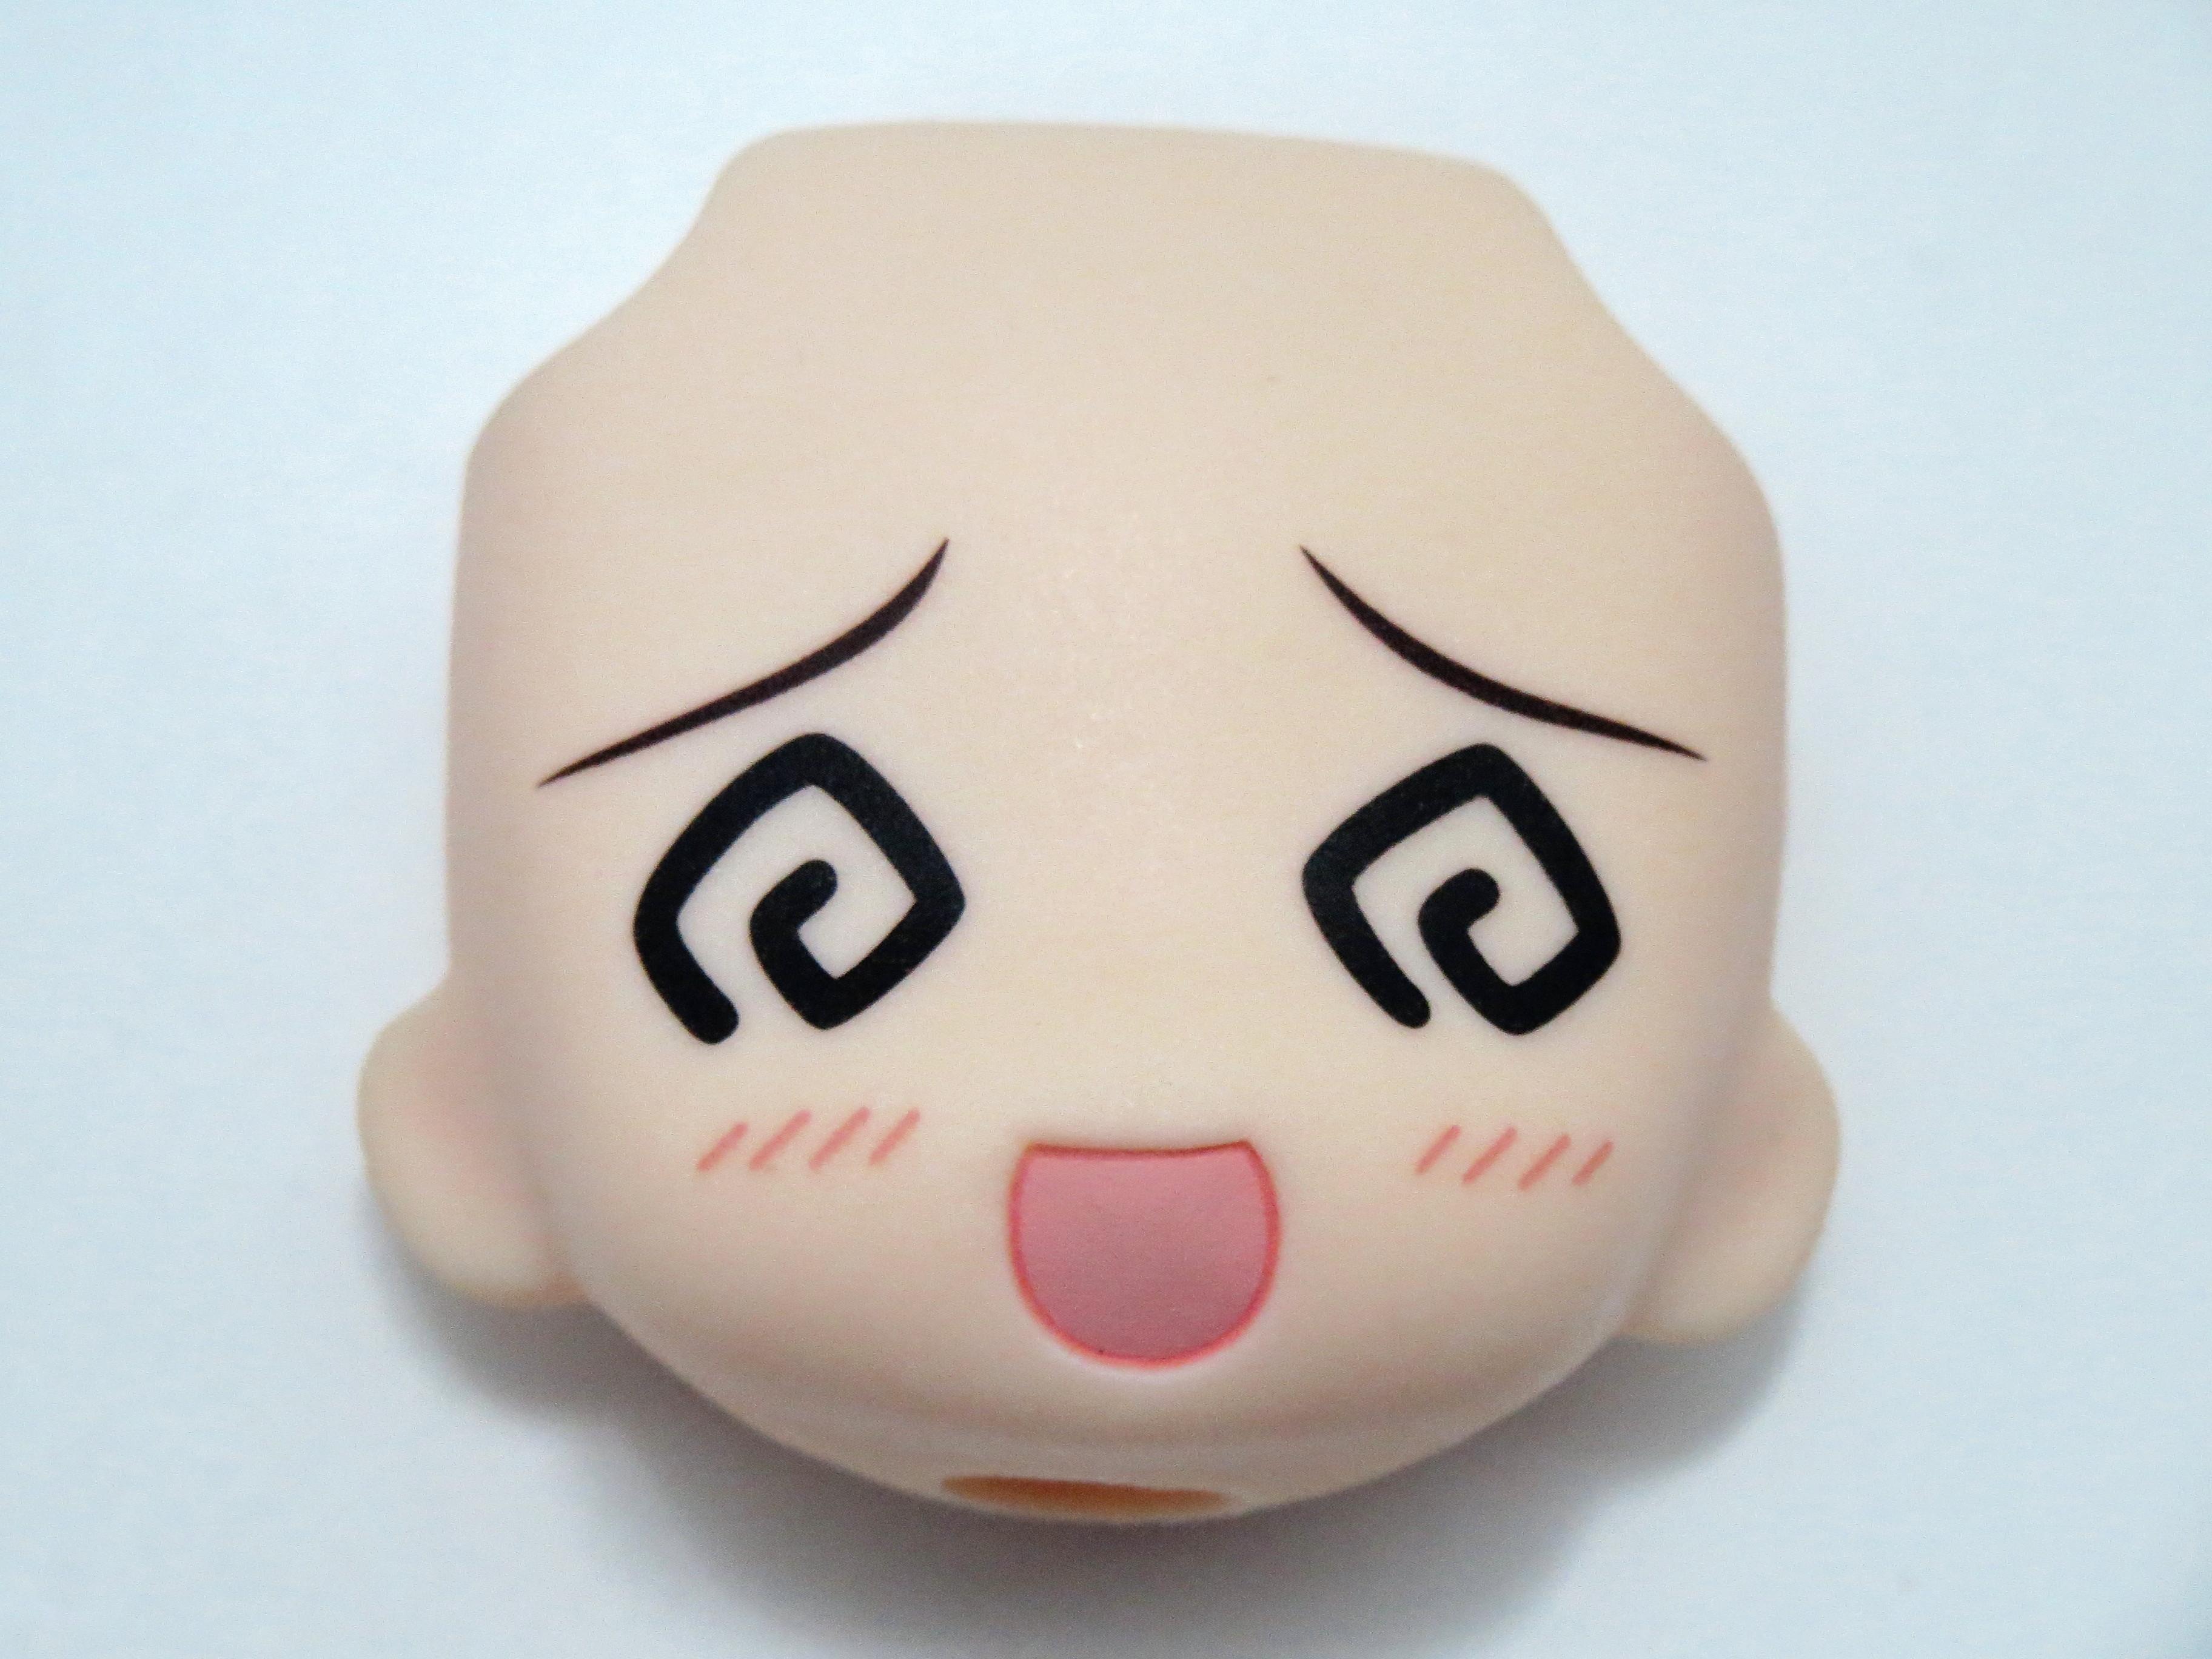 再入荷【187】 MEIKO 顔パーツ ぐるぐる目(B+ランク) ねんどろいど